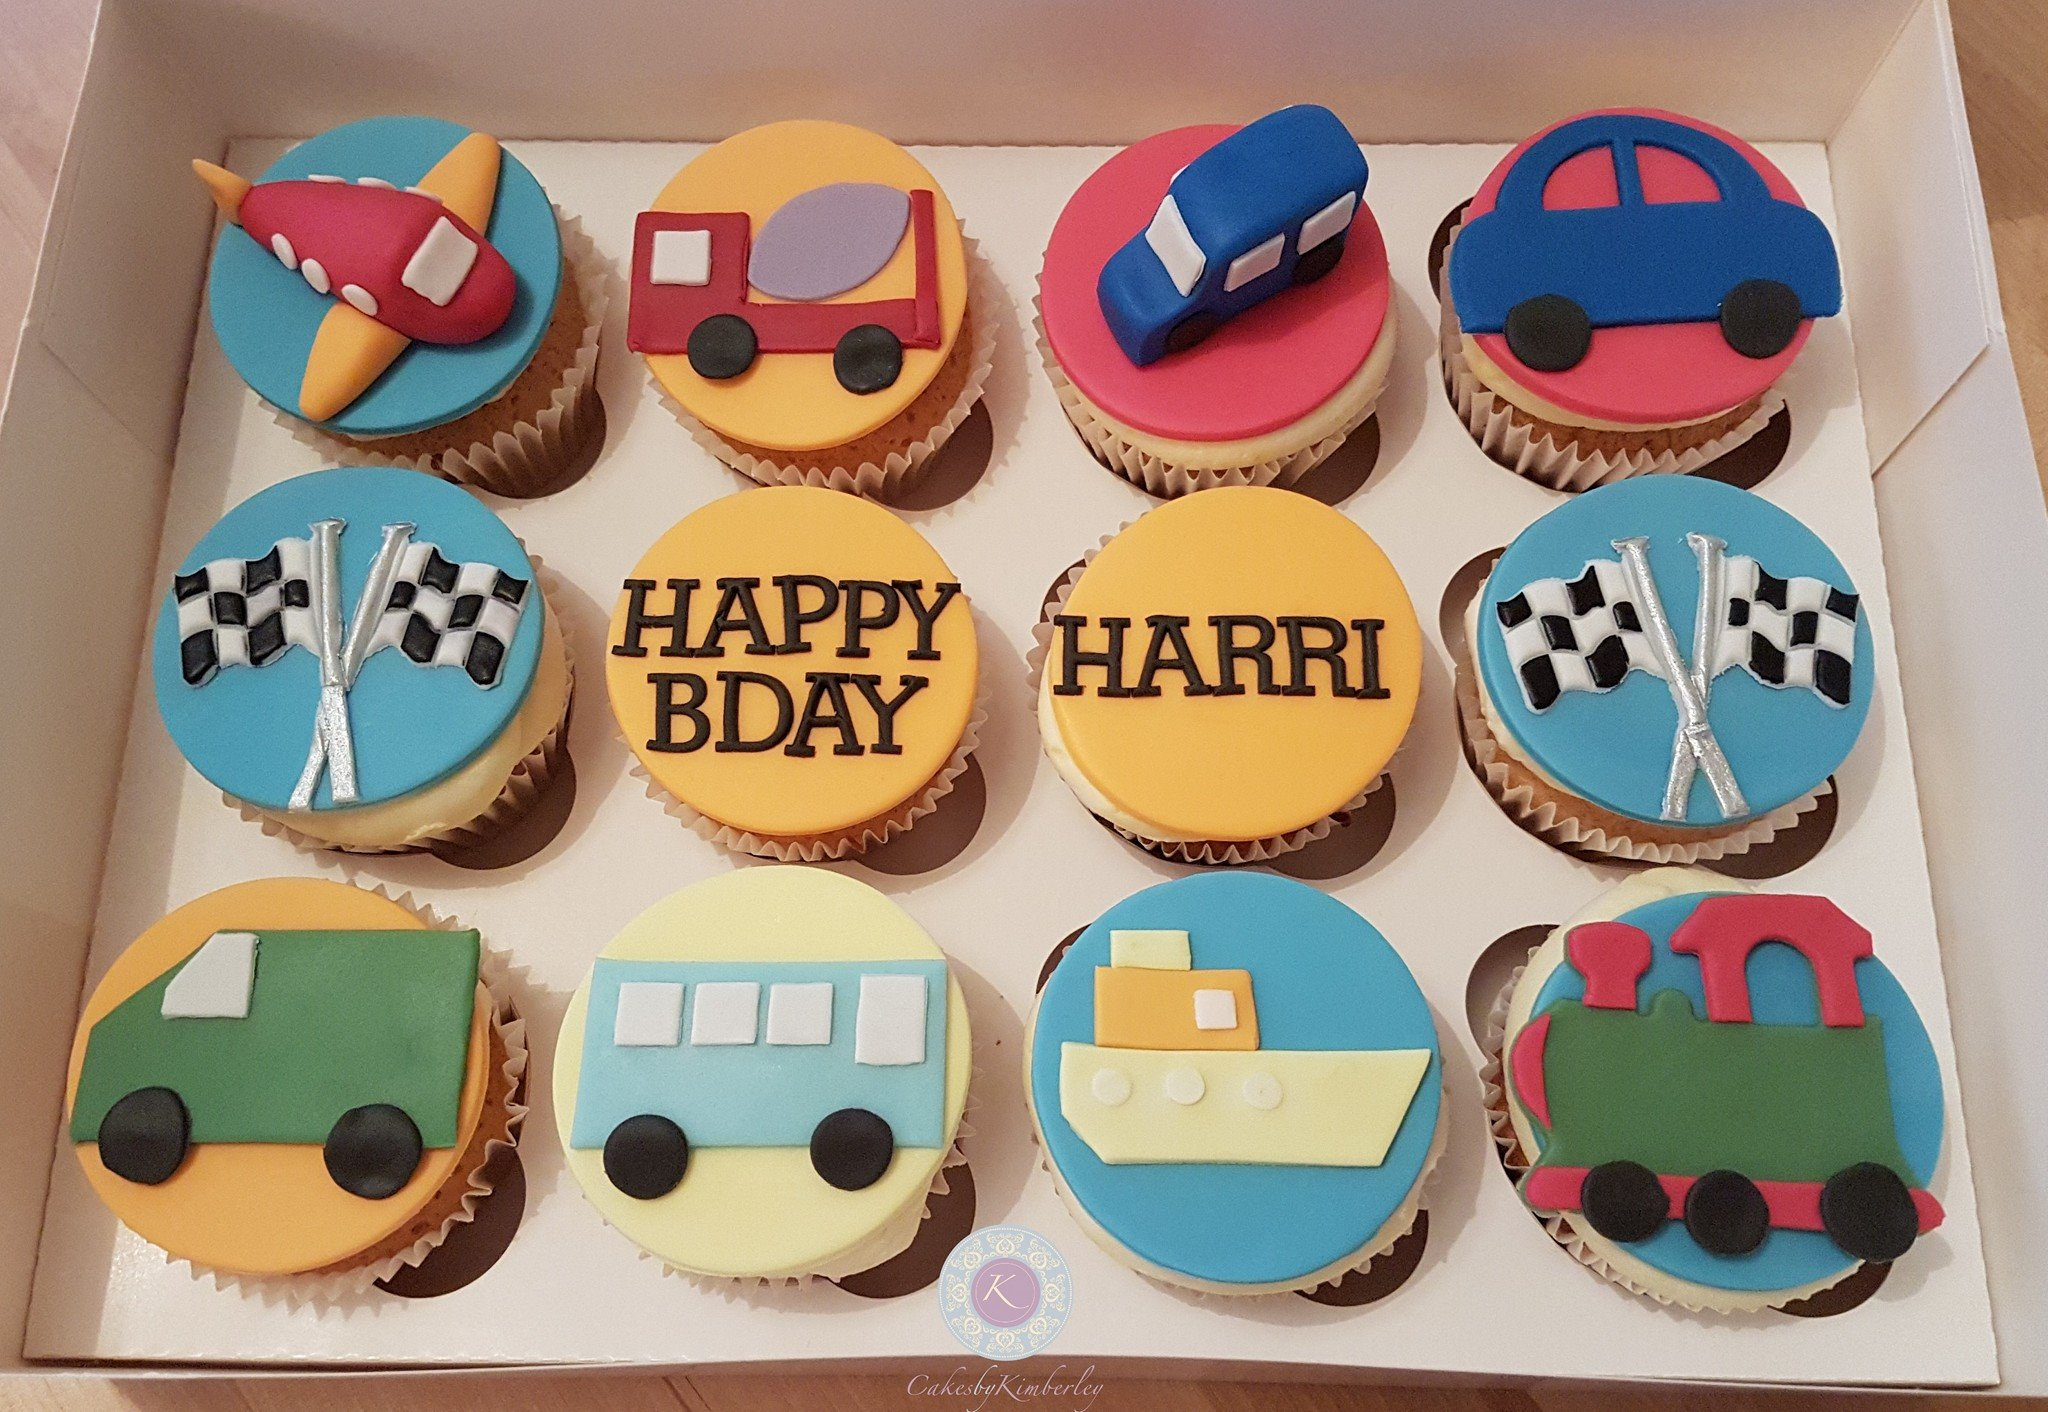 Cupcakes - cars - Harri